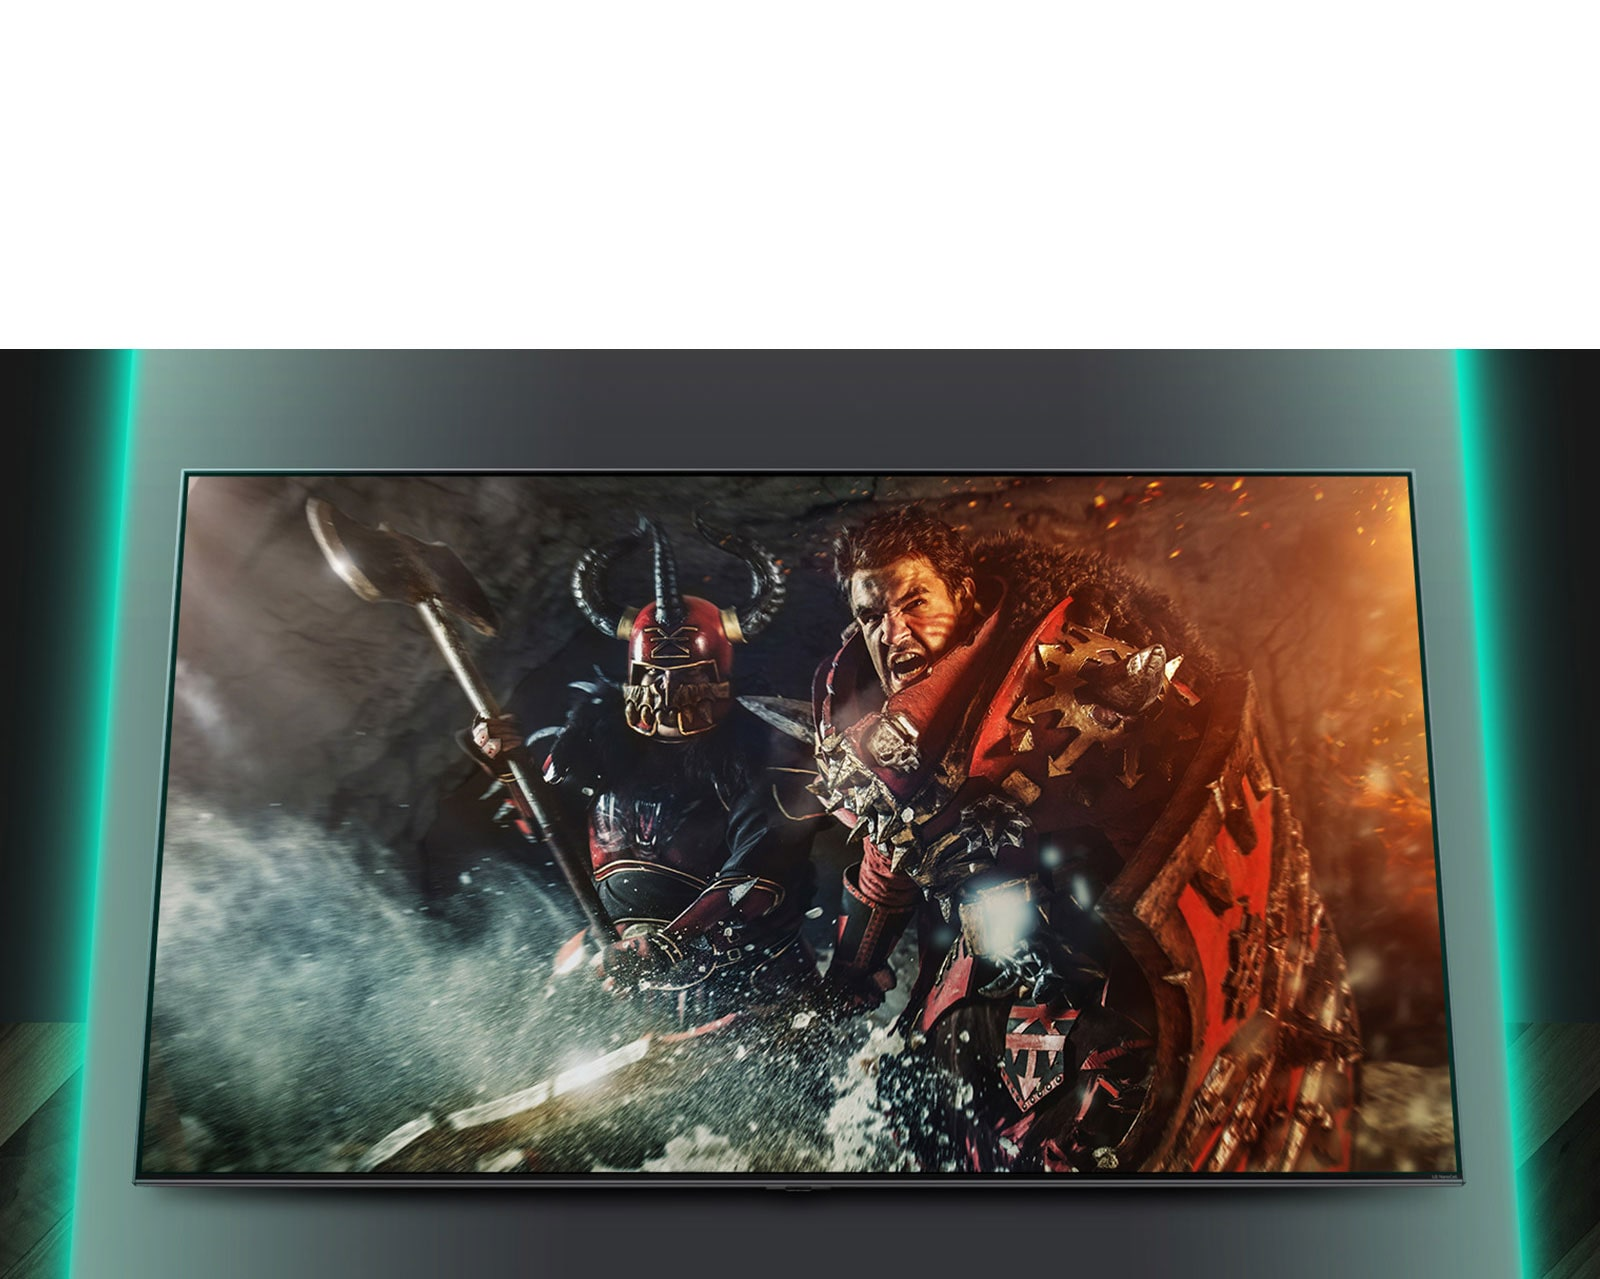 شاشة تلفزيون يظهر عليها مشهد من إحدى الألعاب القتالية.